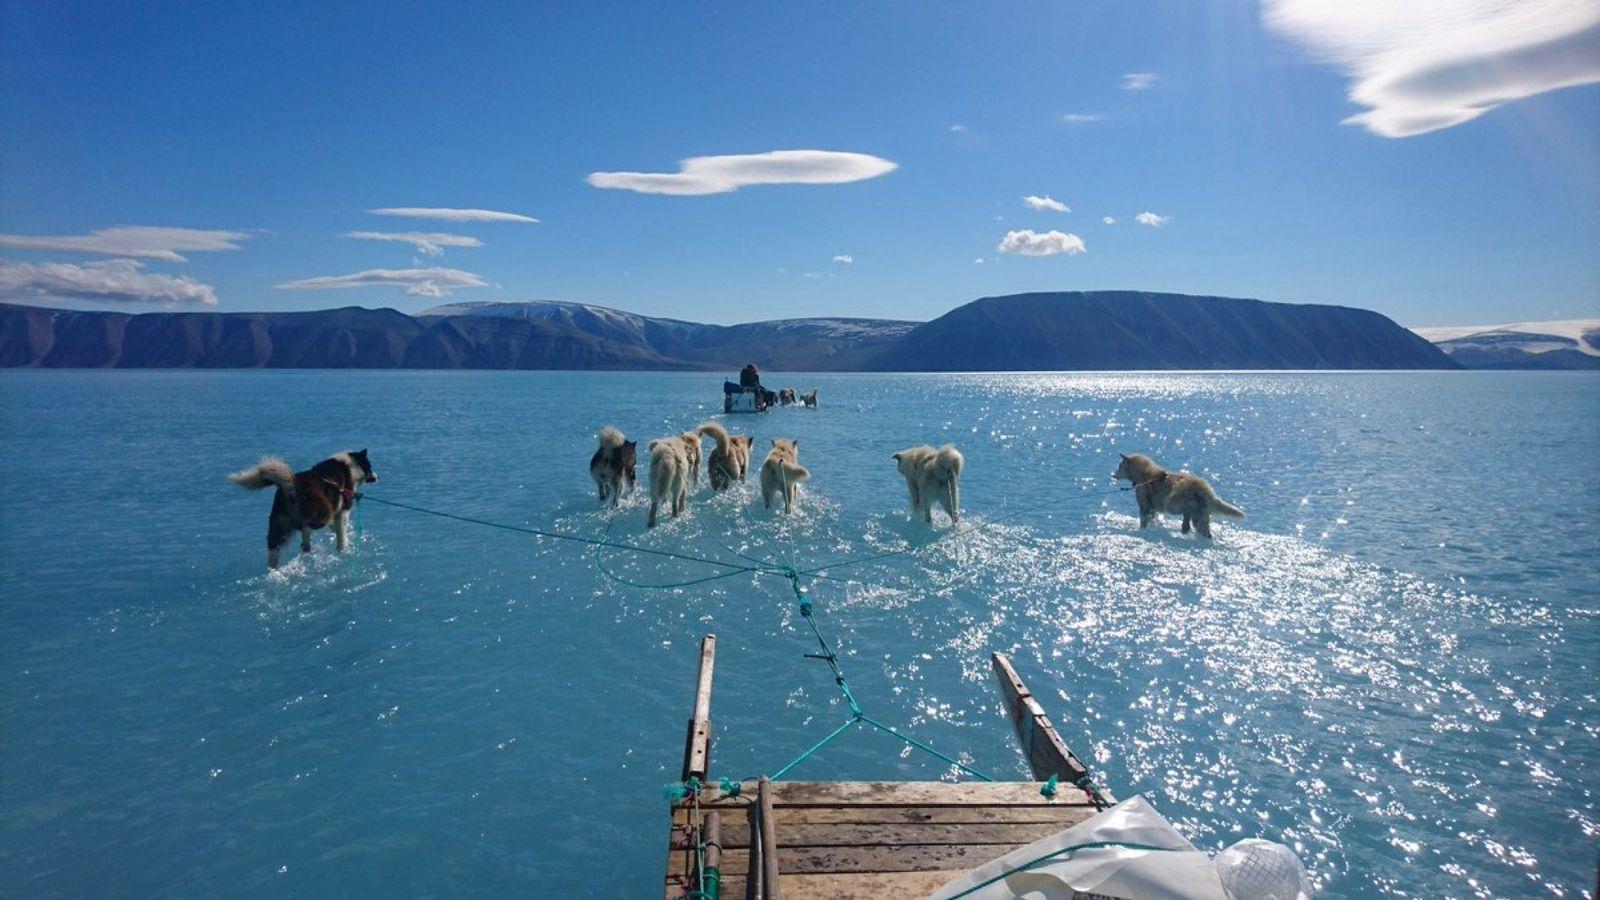 Huskies on water